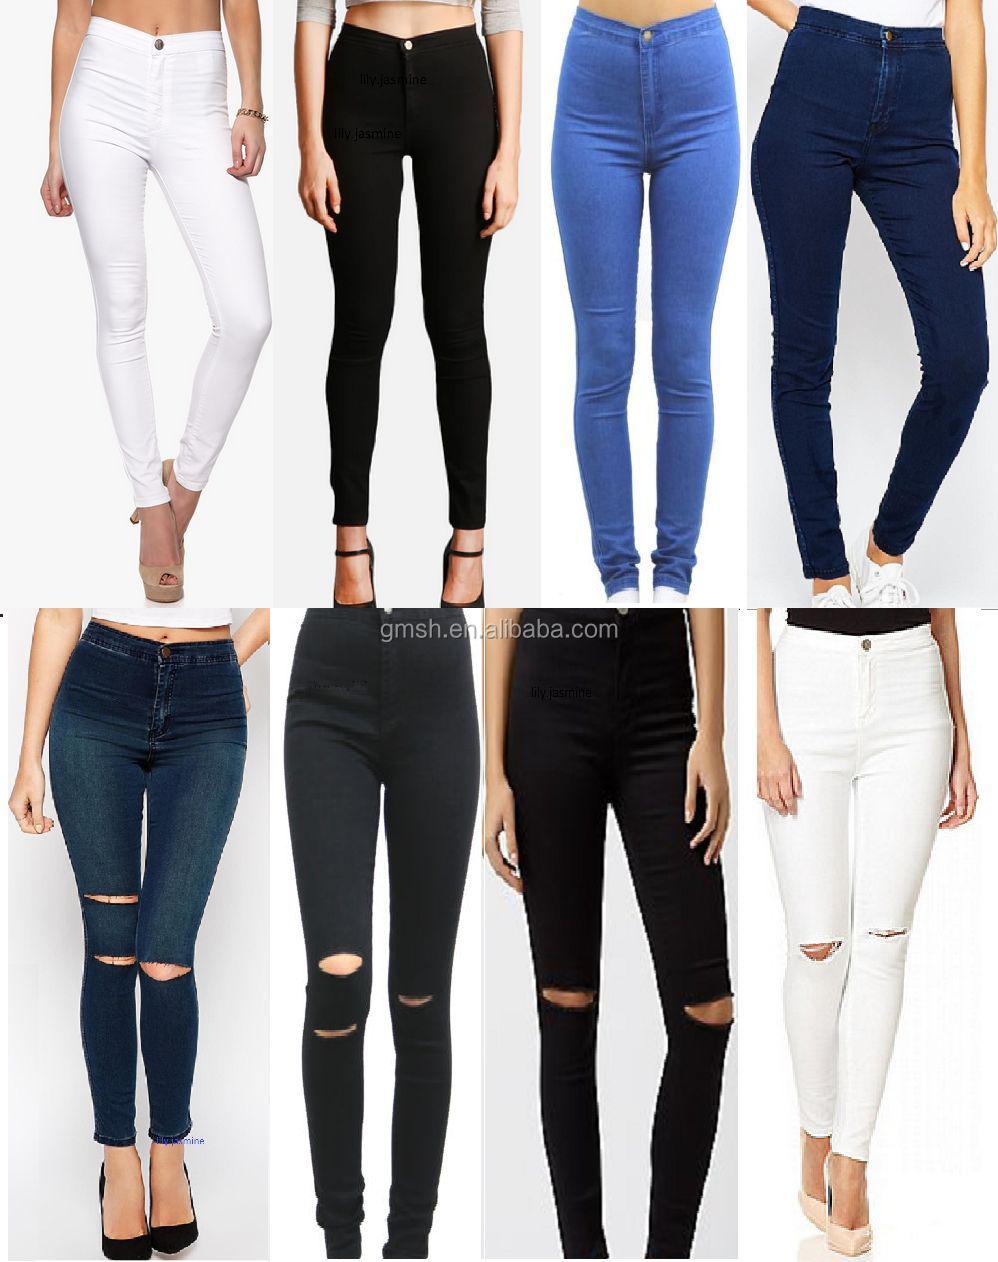 mode 2017 femme jeans. Black Bedroom Furniture Sets. Home Design Ideas